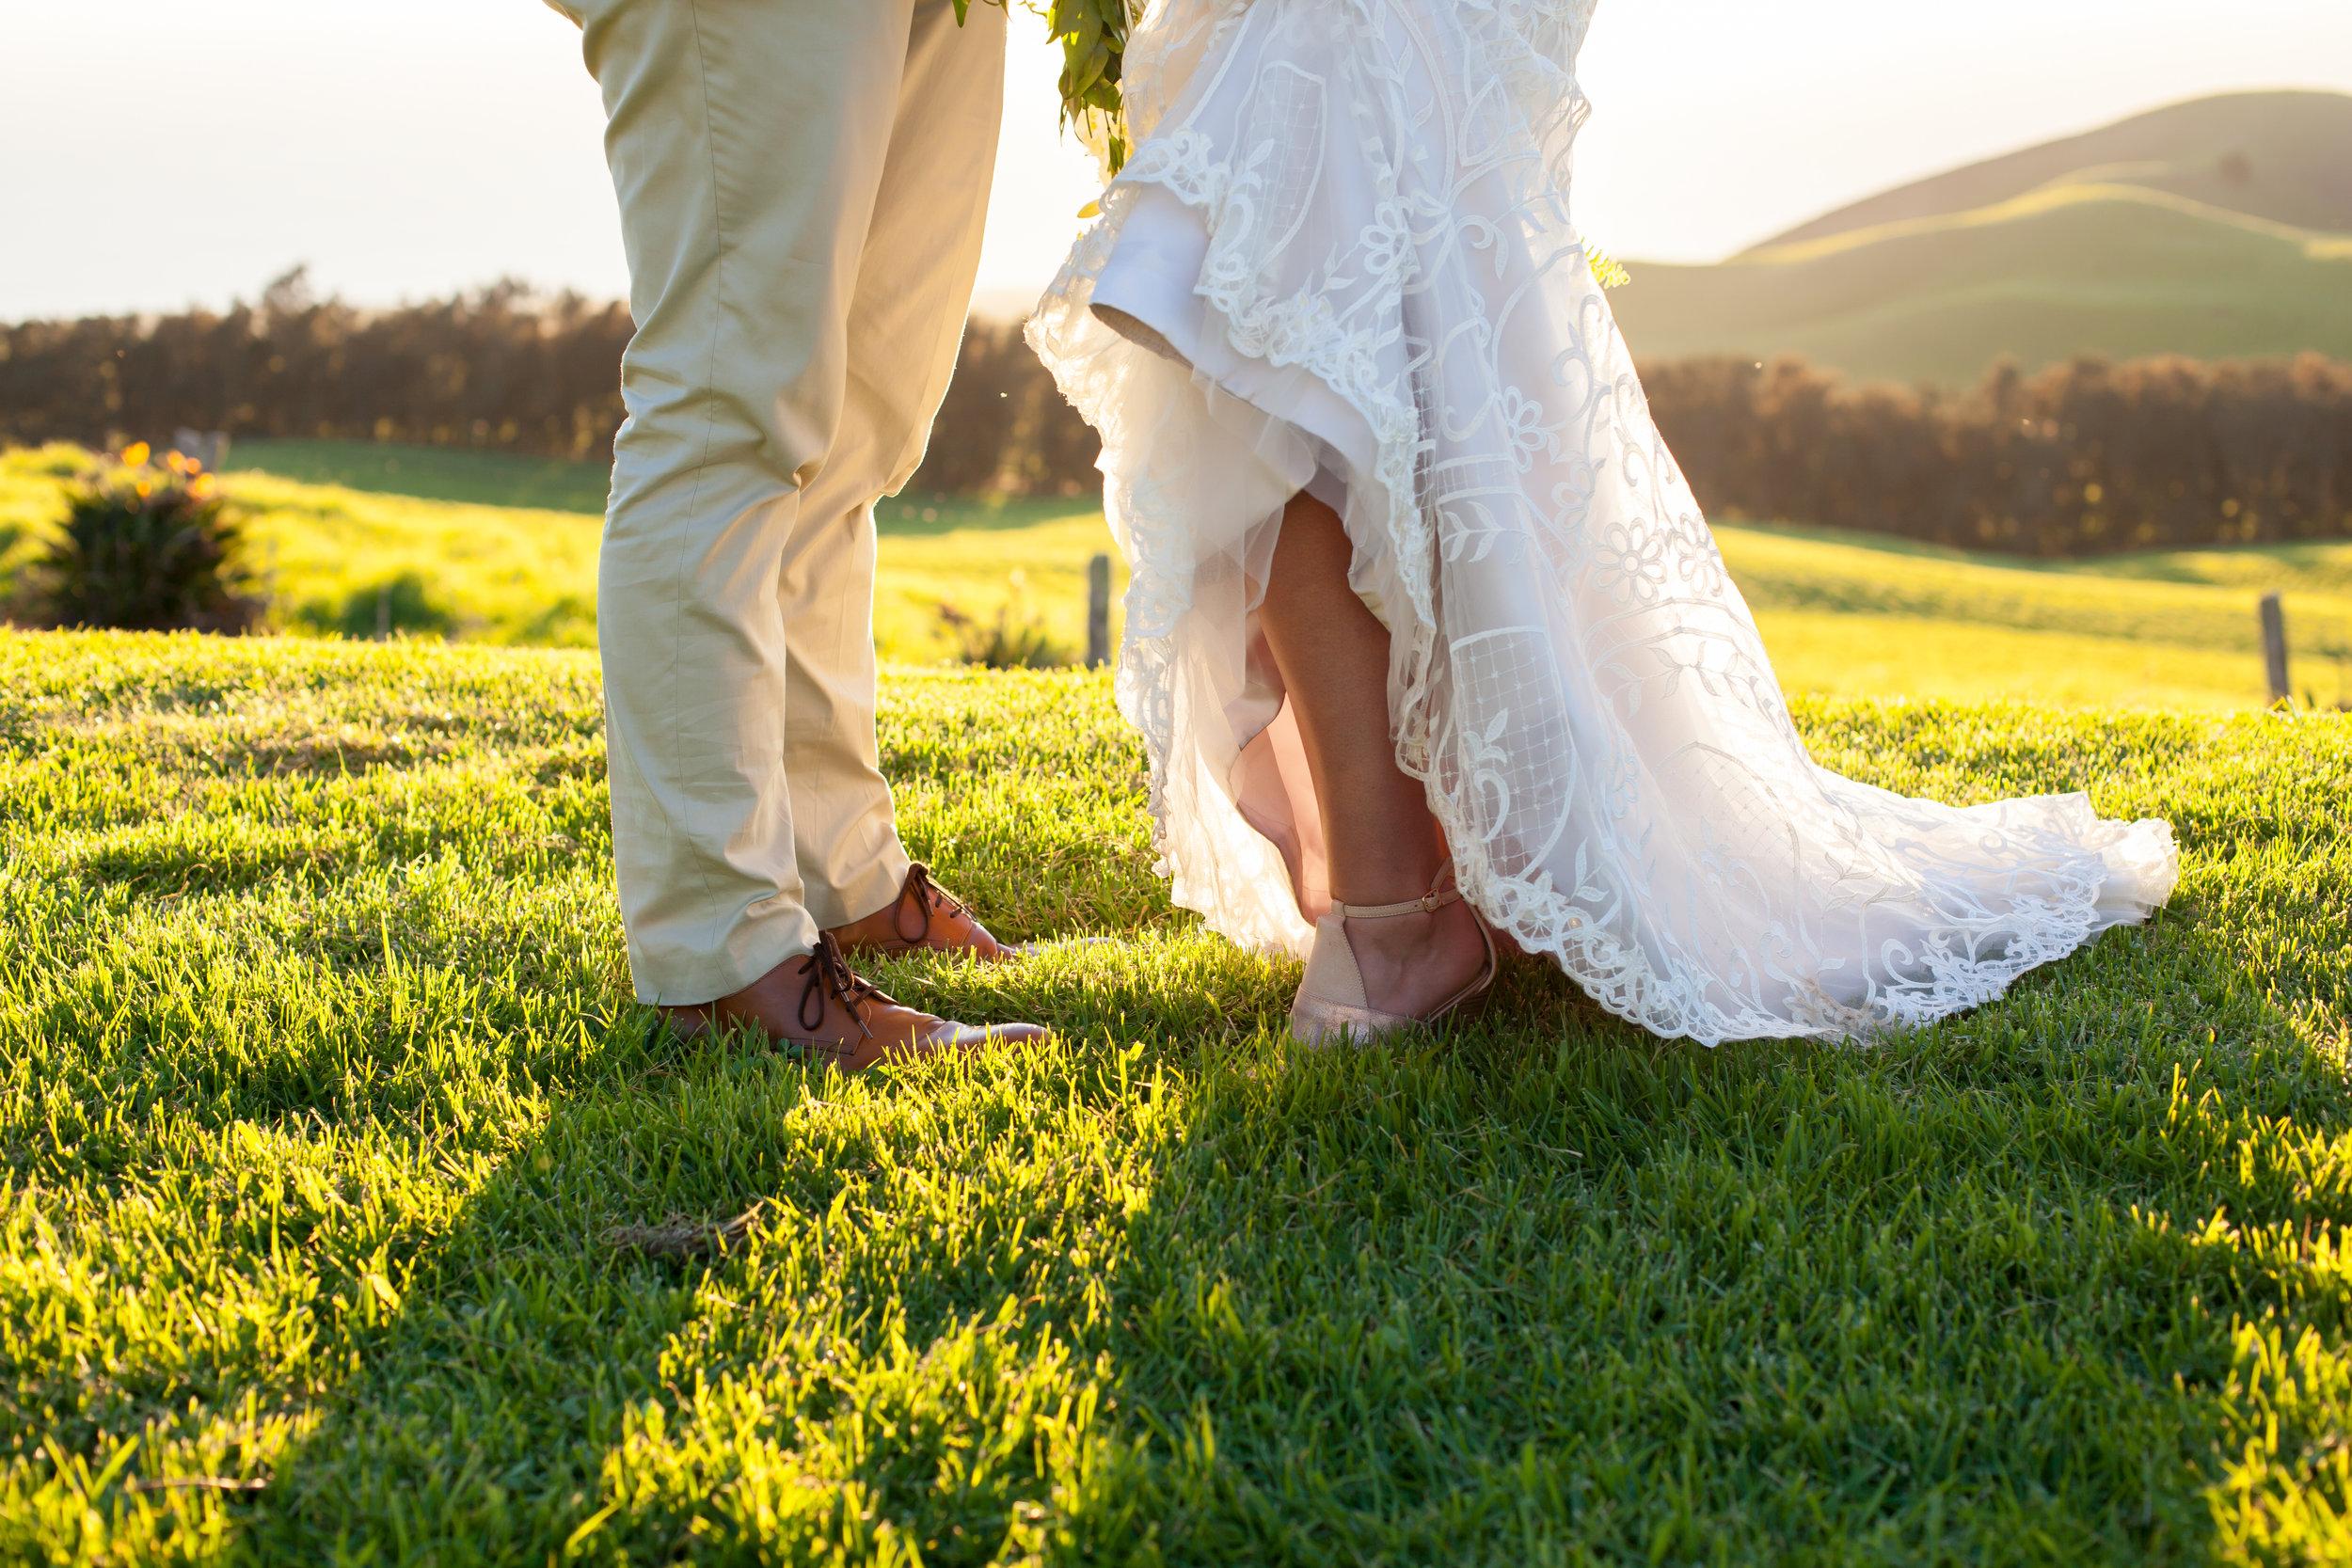 big island hawaii kahua ranch wedding © kelilina photography 20170106174127.jpg